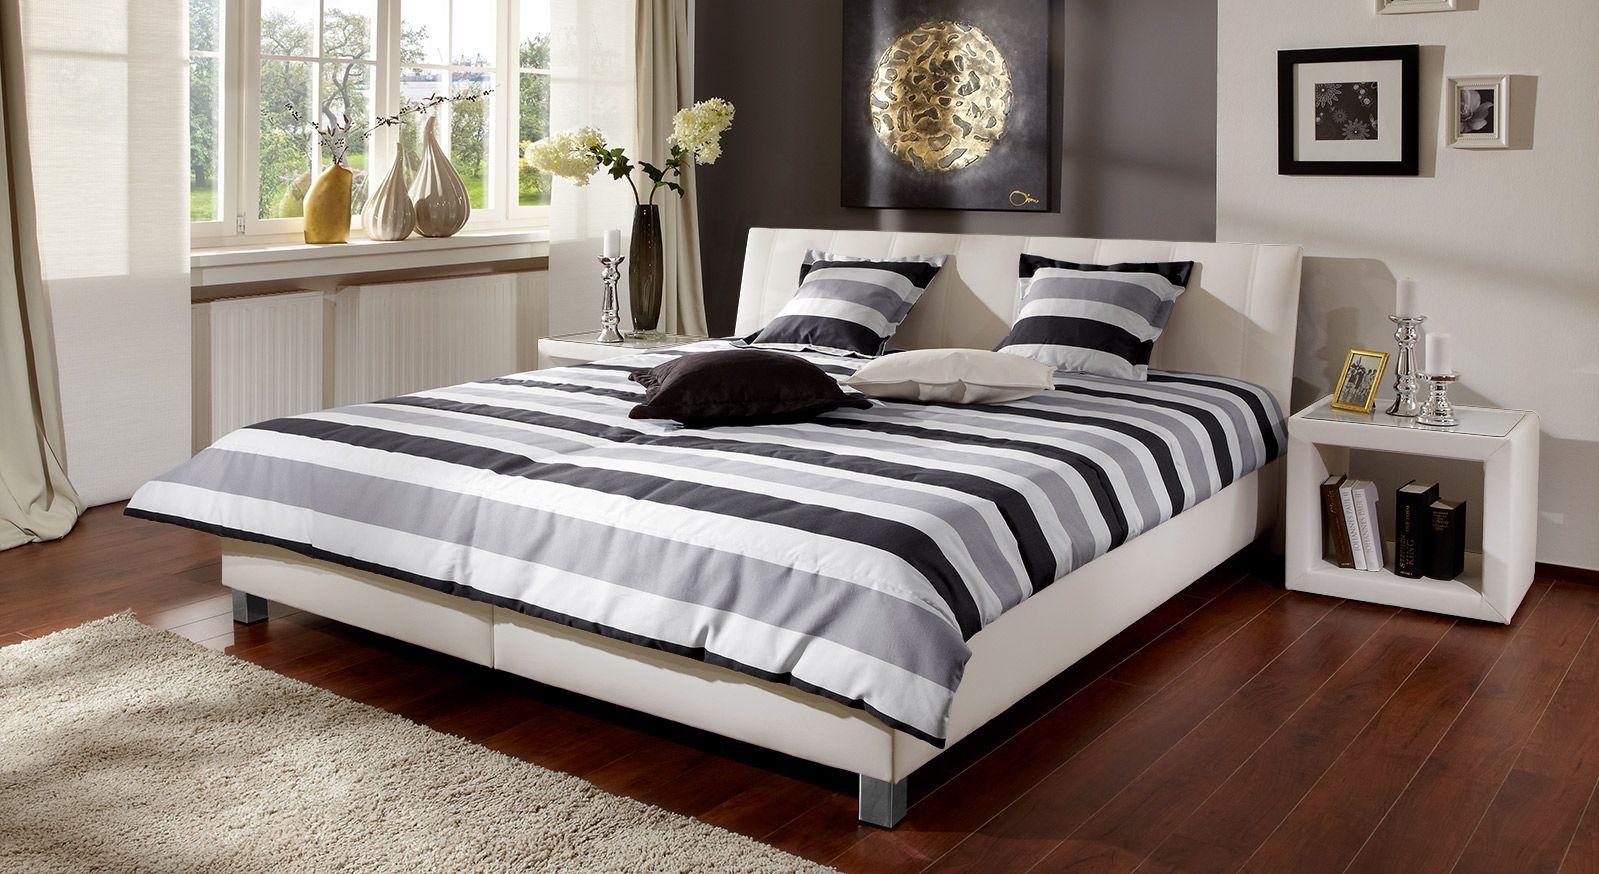 Kunstleder-Bett Remigios passende Produkte